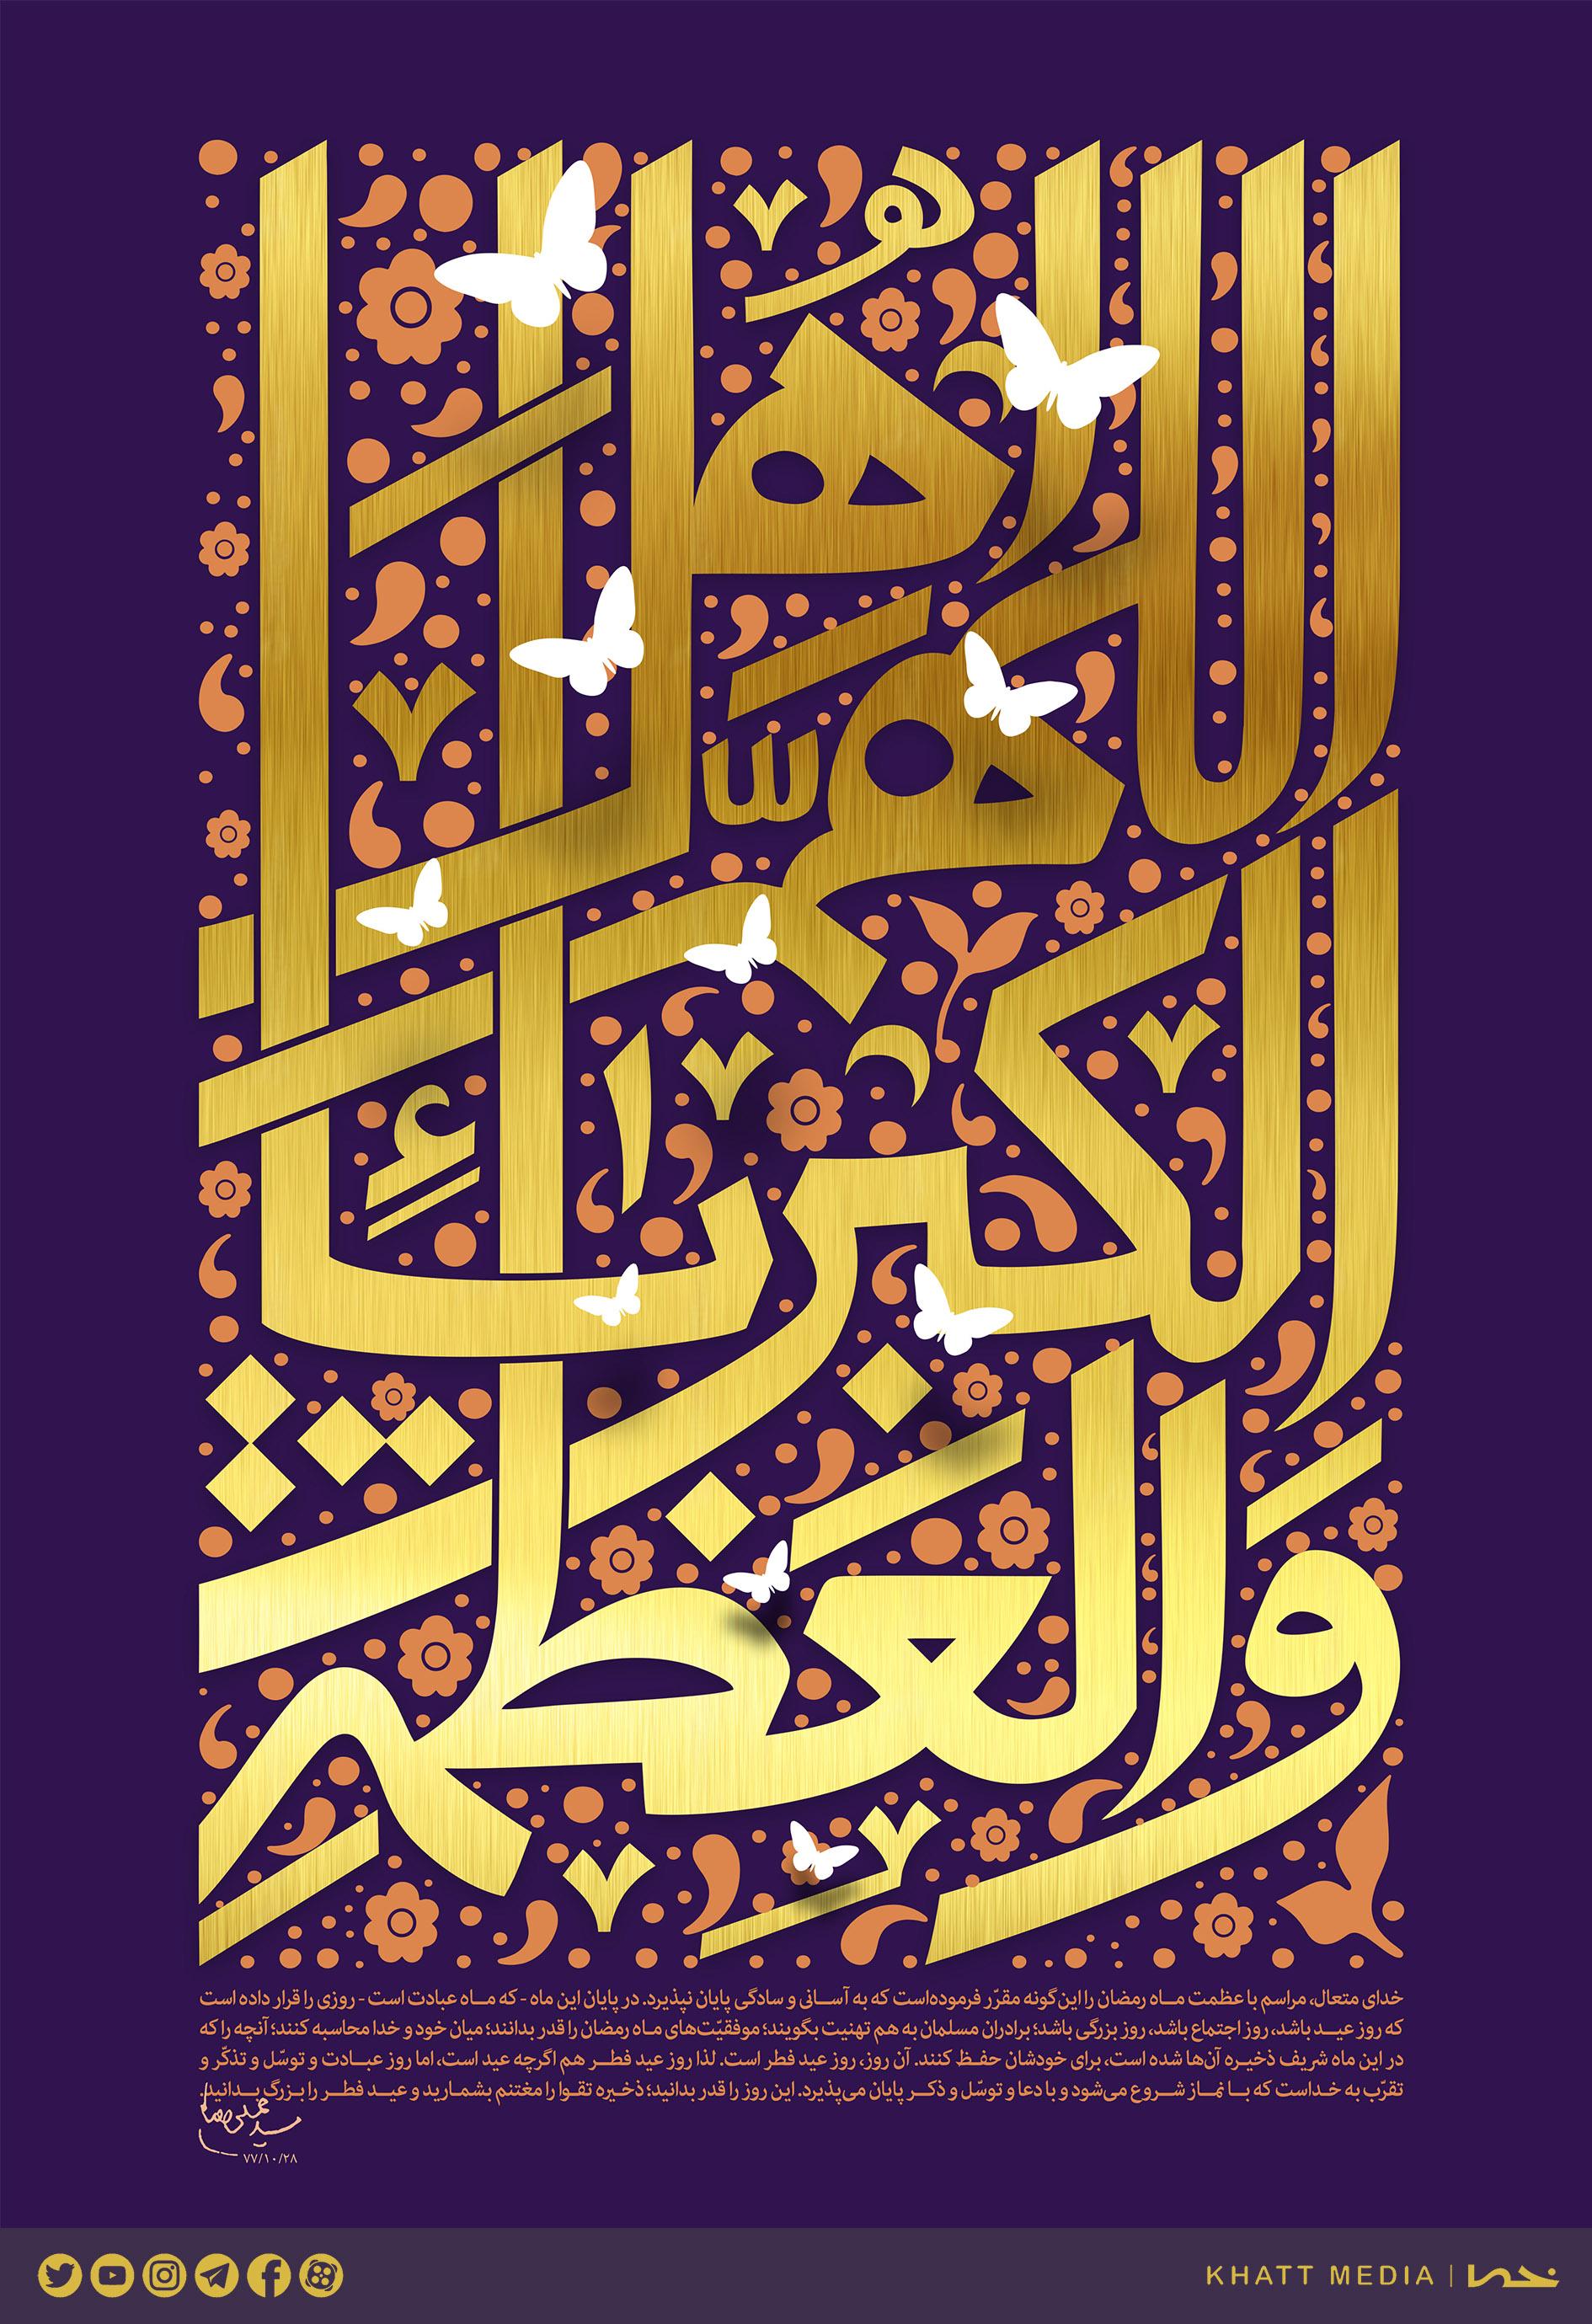 اللهم اهل الکبریاء و العظمه